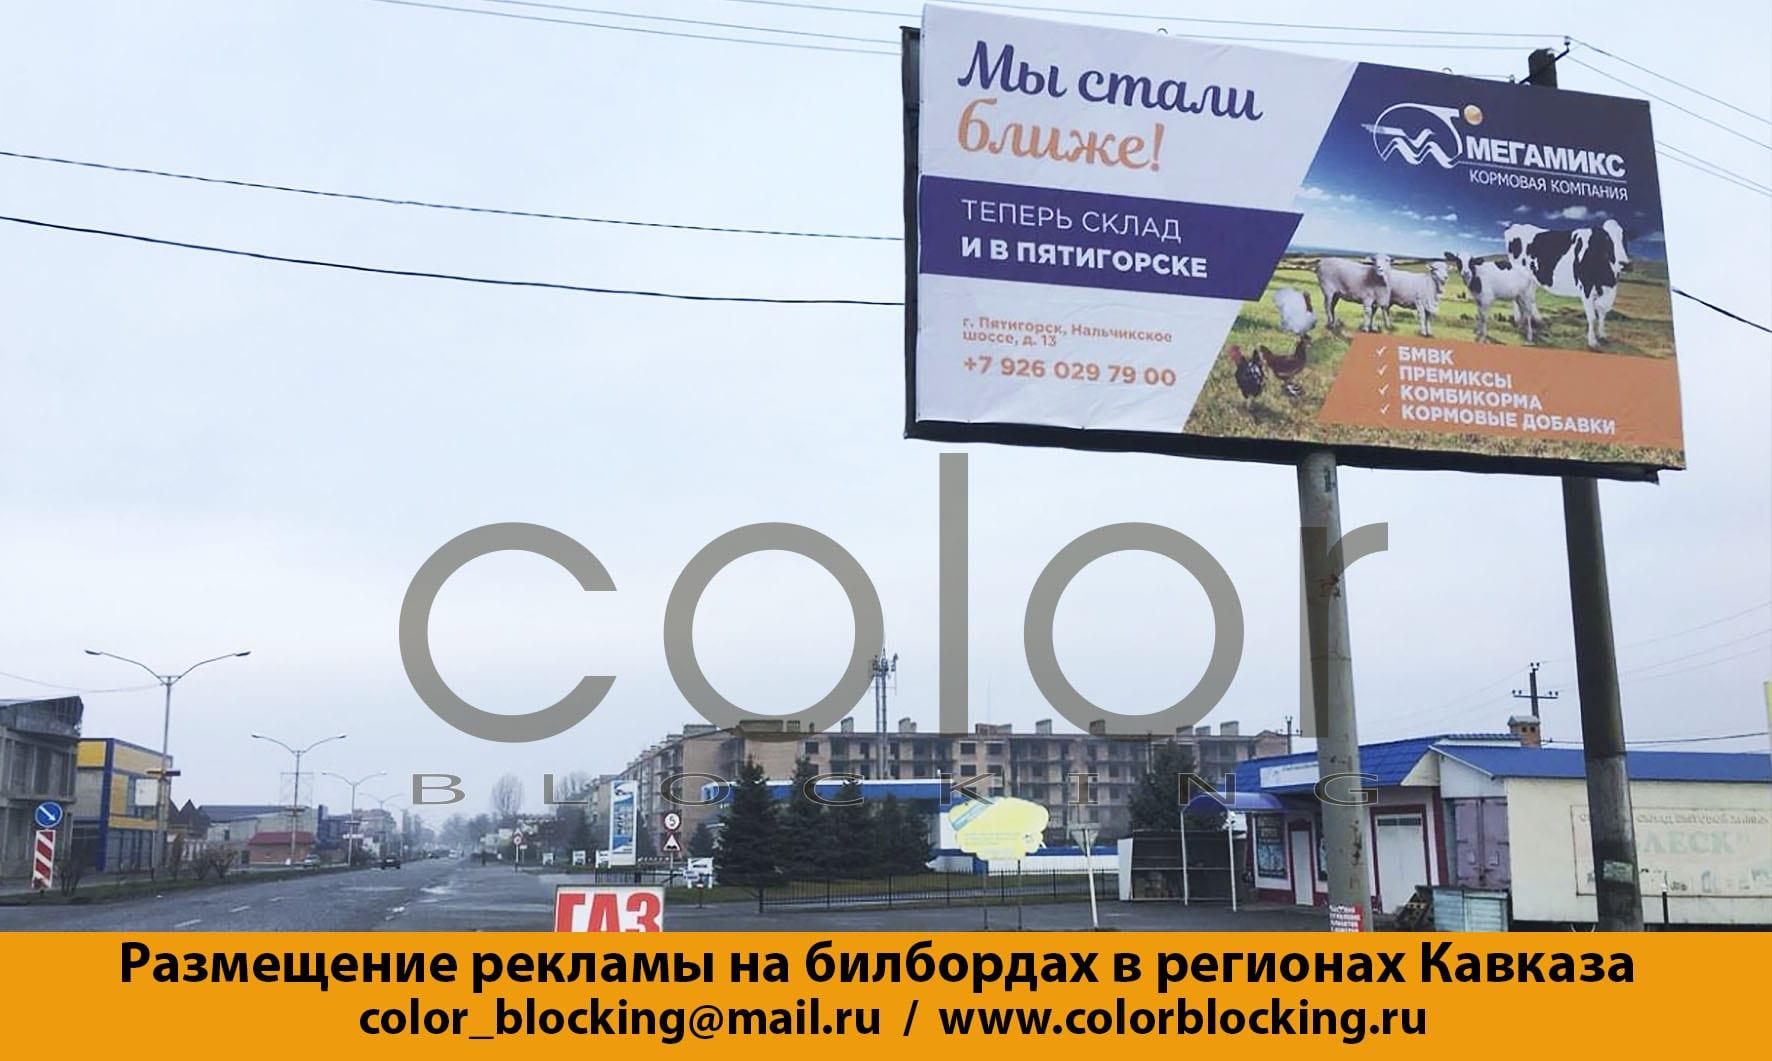 Реклама на билбордах на Кавказе Моздок